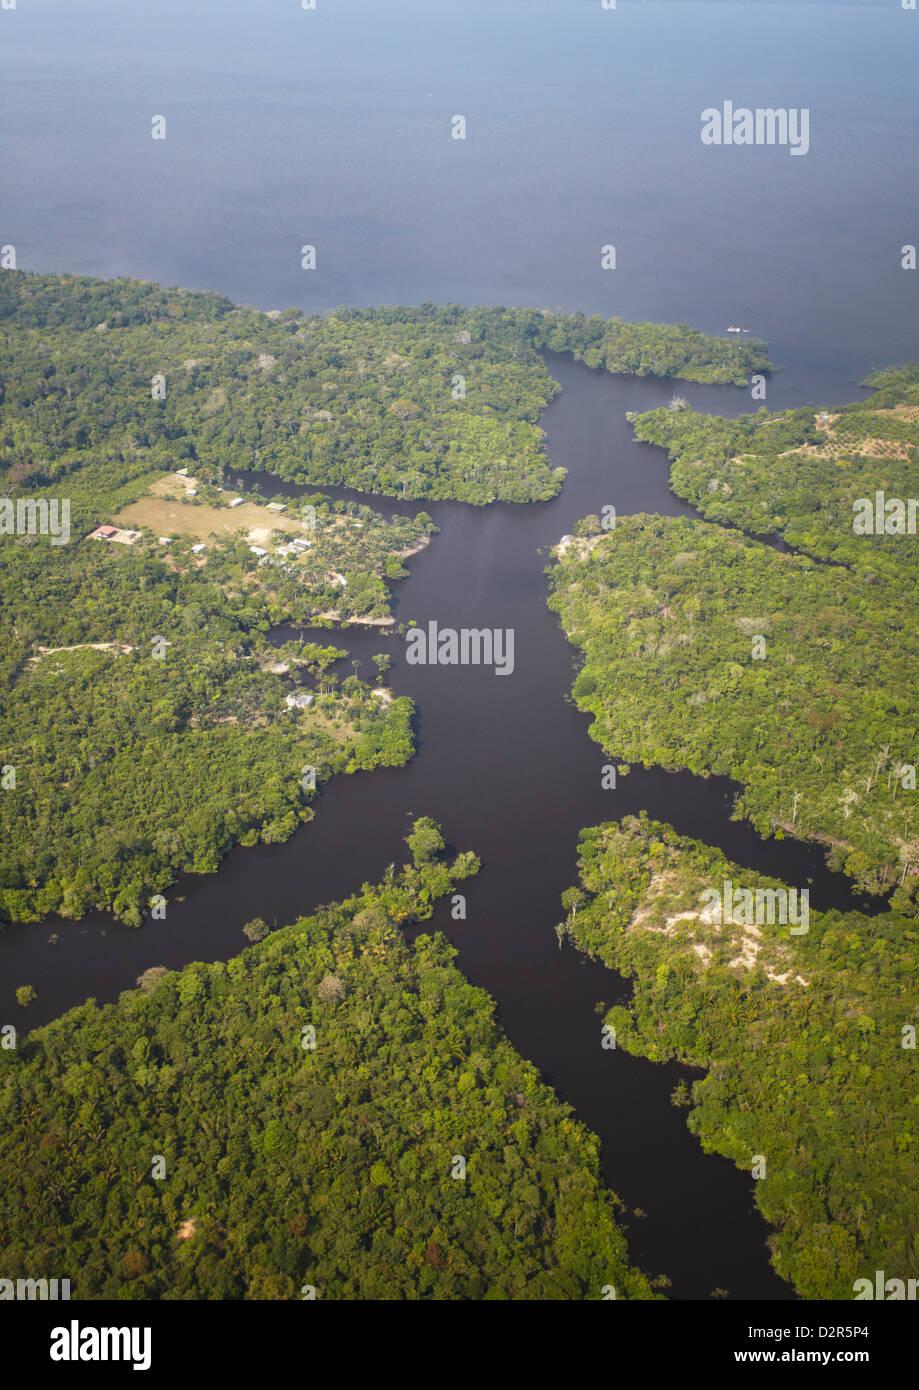 Vista aerea della foresta pluviale amazzonica e il Rio Negro, Manaus, Amazonas, Brasile, Sud America Foto Stock